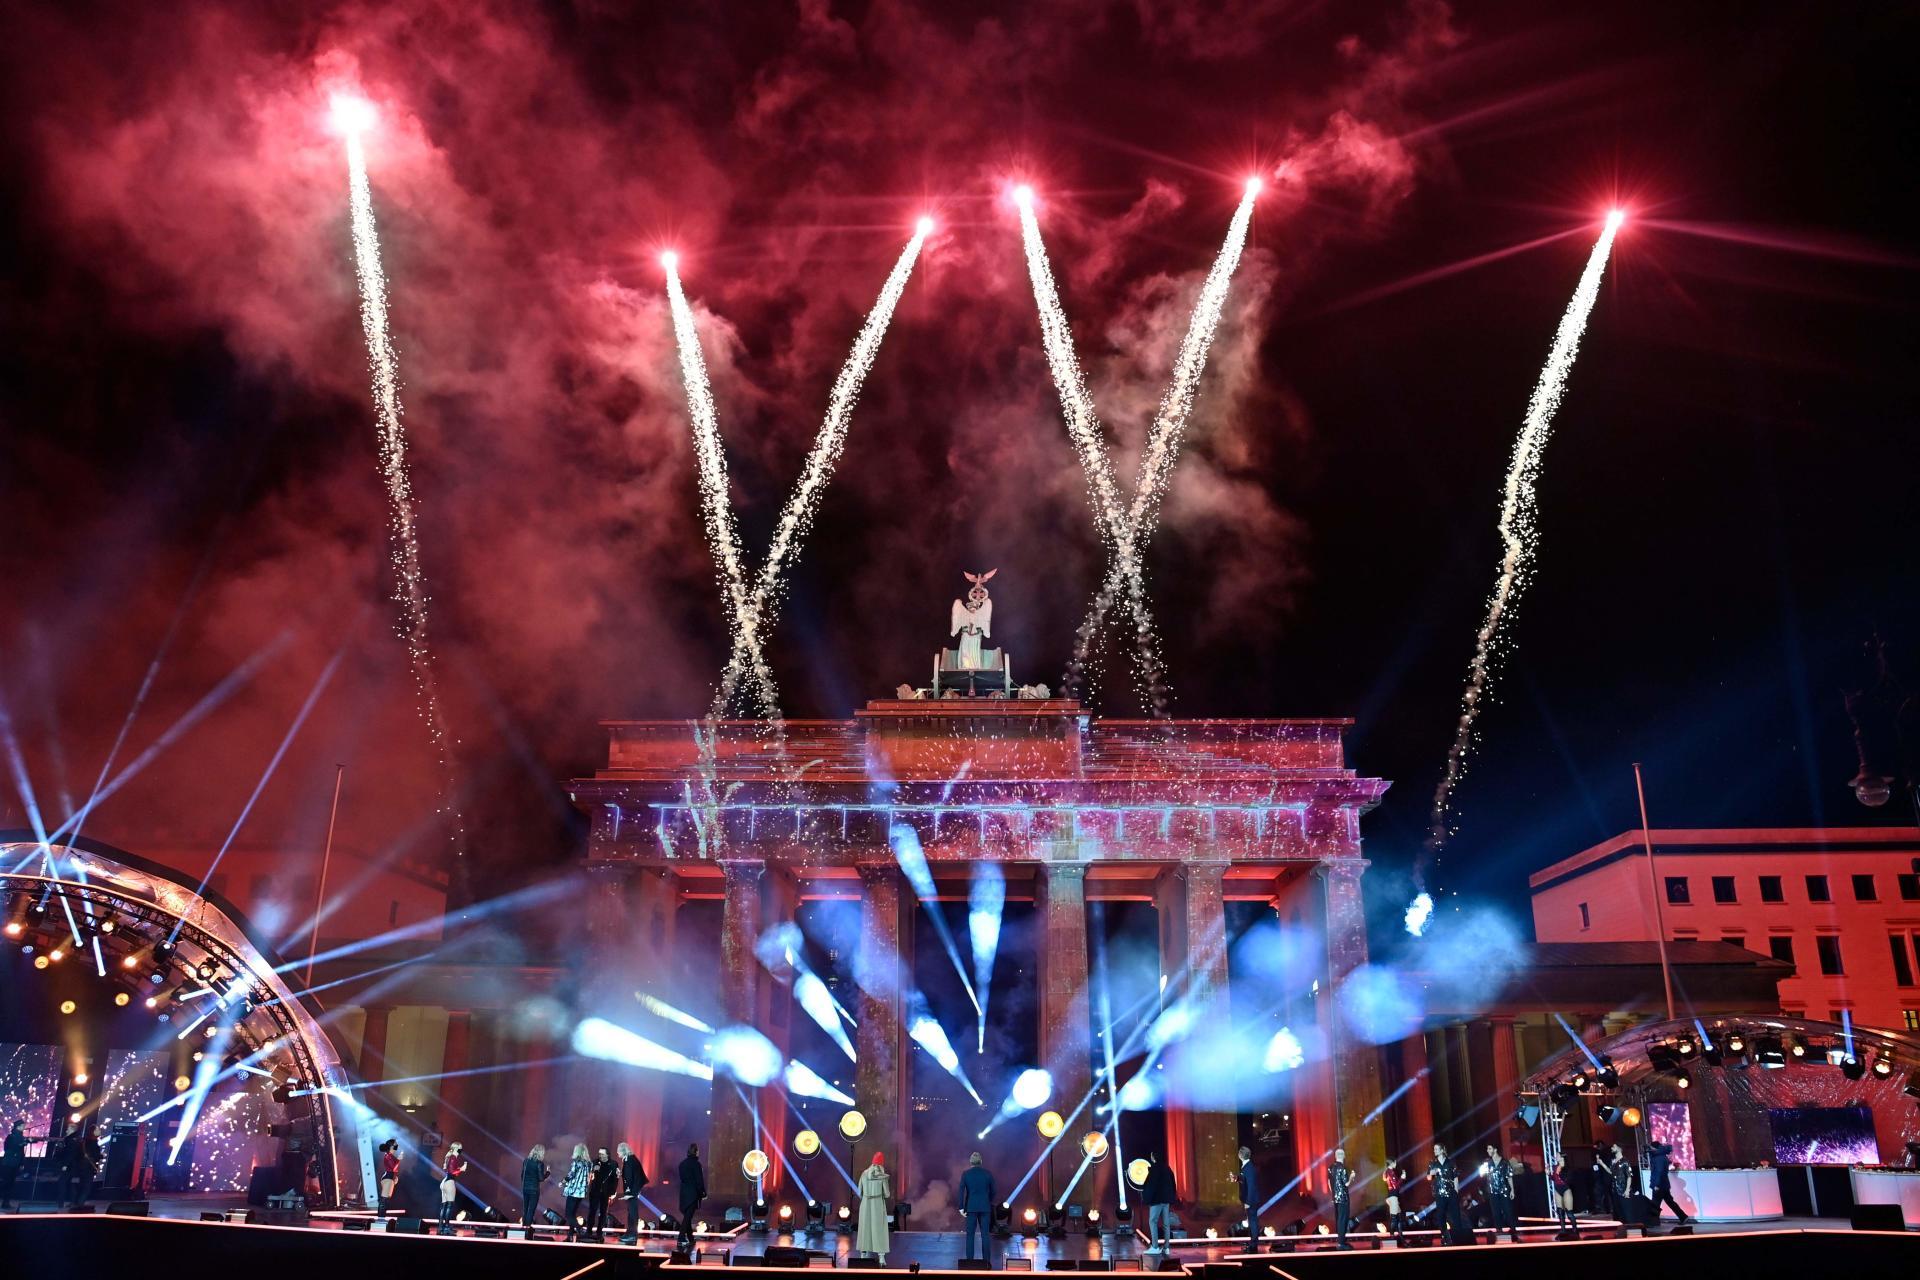 در مقابل دروازه نمادین براندنبورگ در برلین برای ورود به سال نو با کنسرت